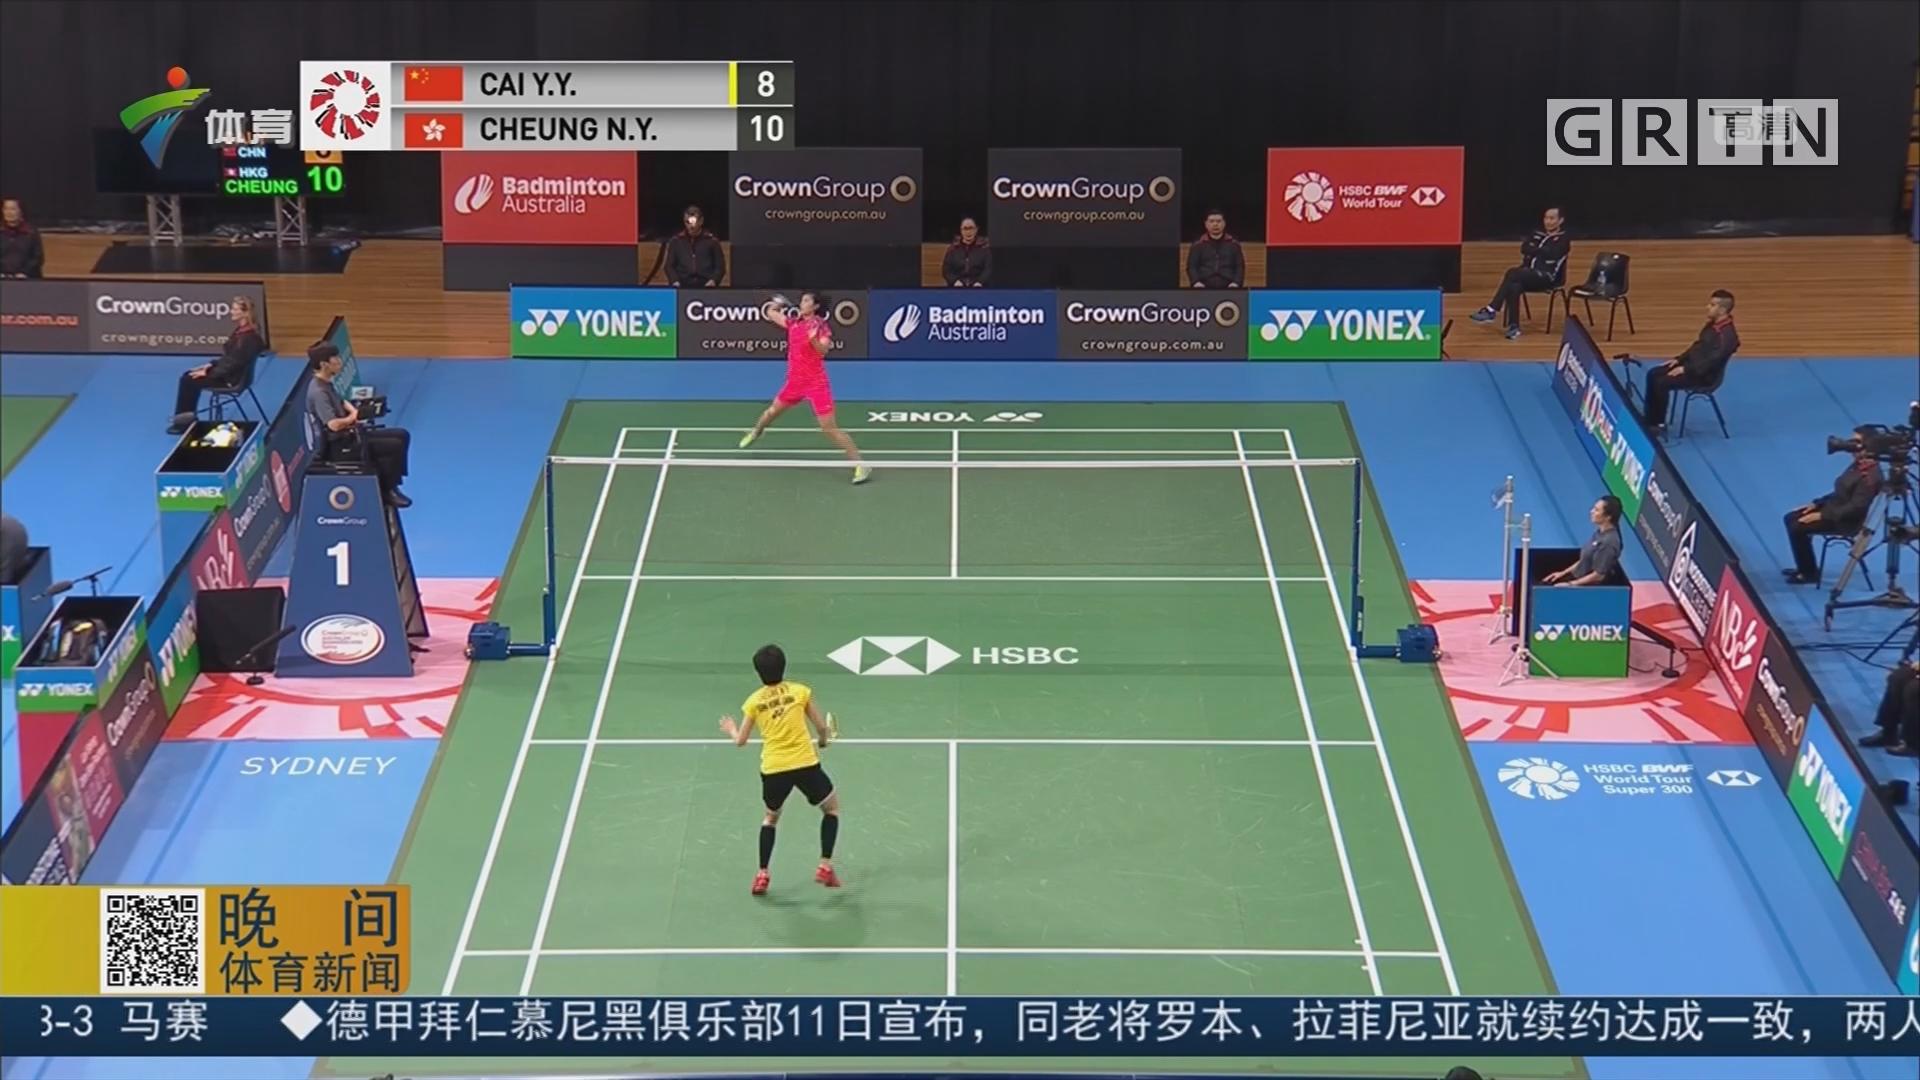 澳大利亚羽毛球公开赛 蔡炎炎、周泽奇携手晋级决赛